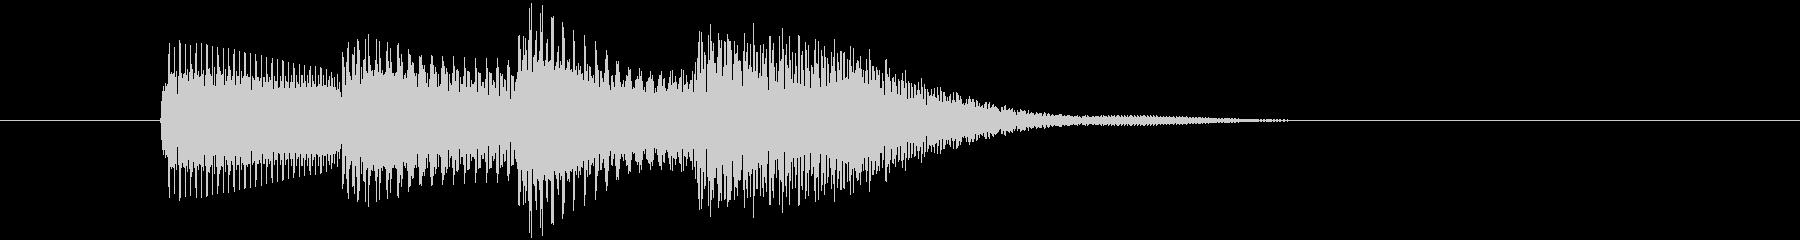 アイテムをゲットした時に最適な音_01の未再生の波形